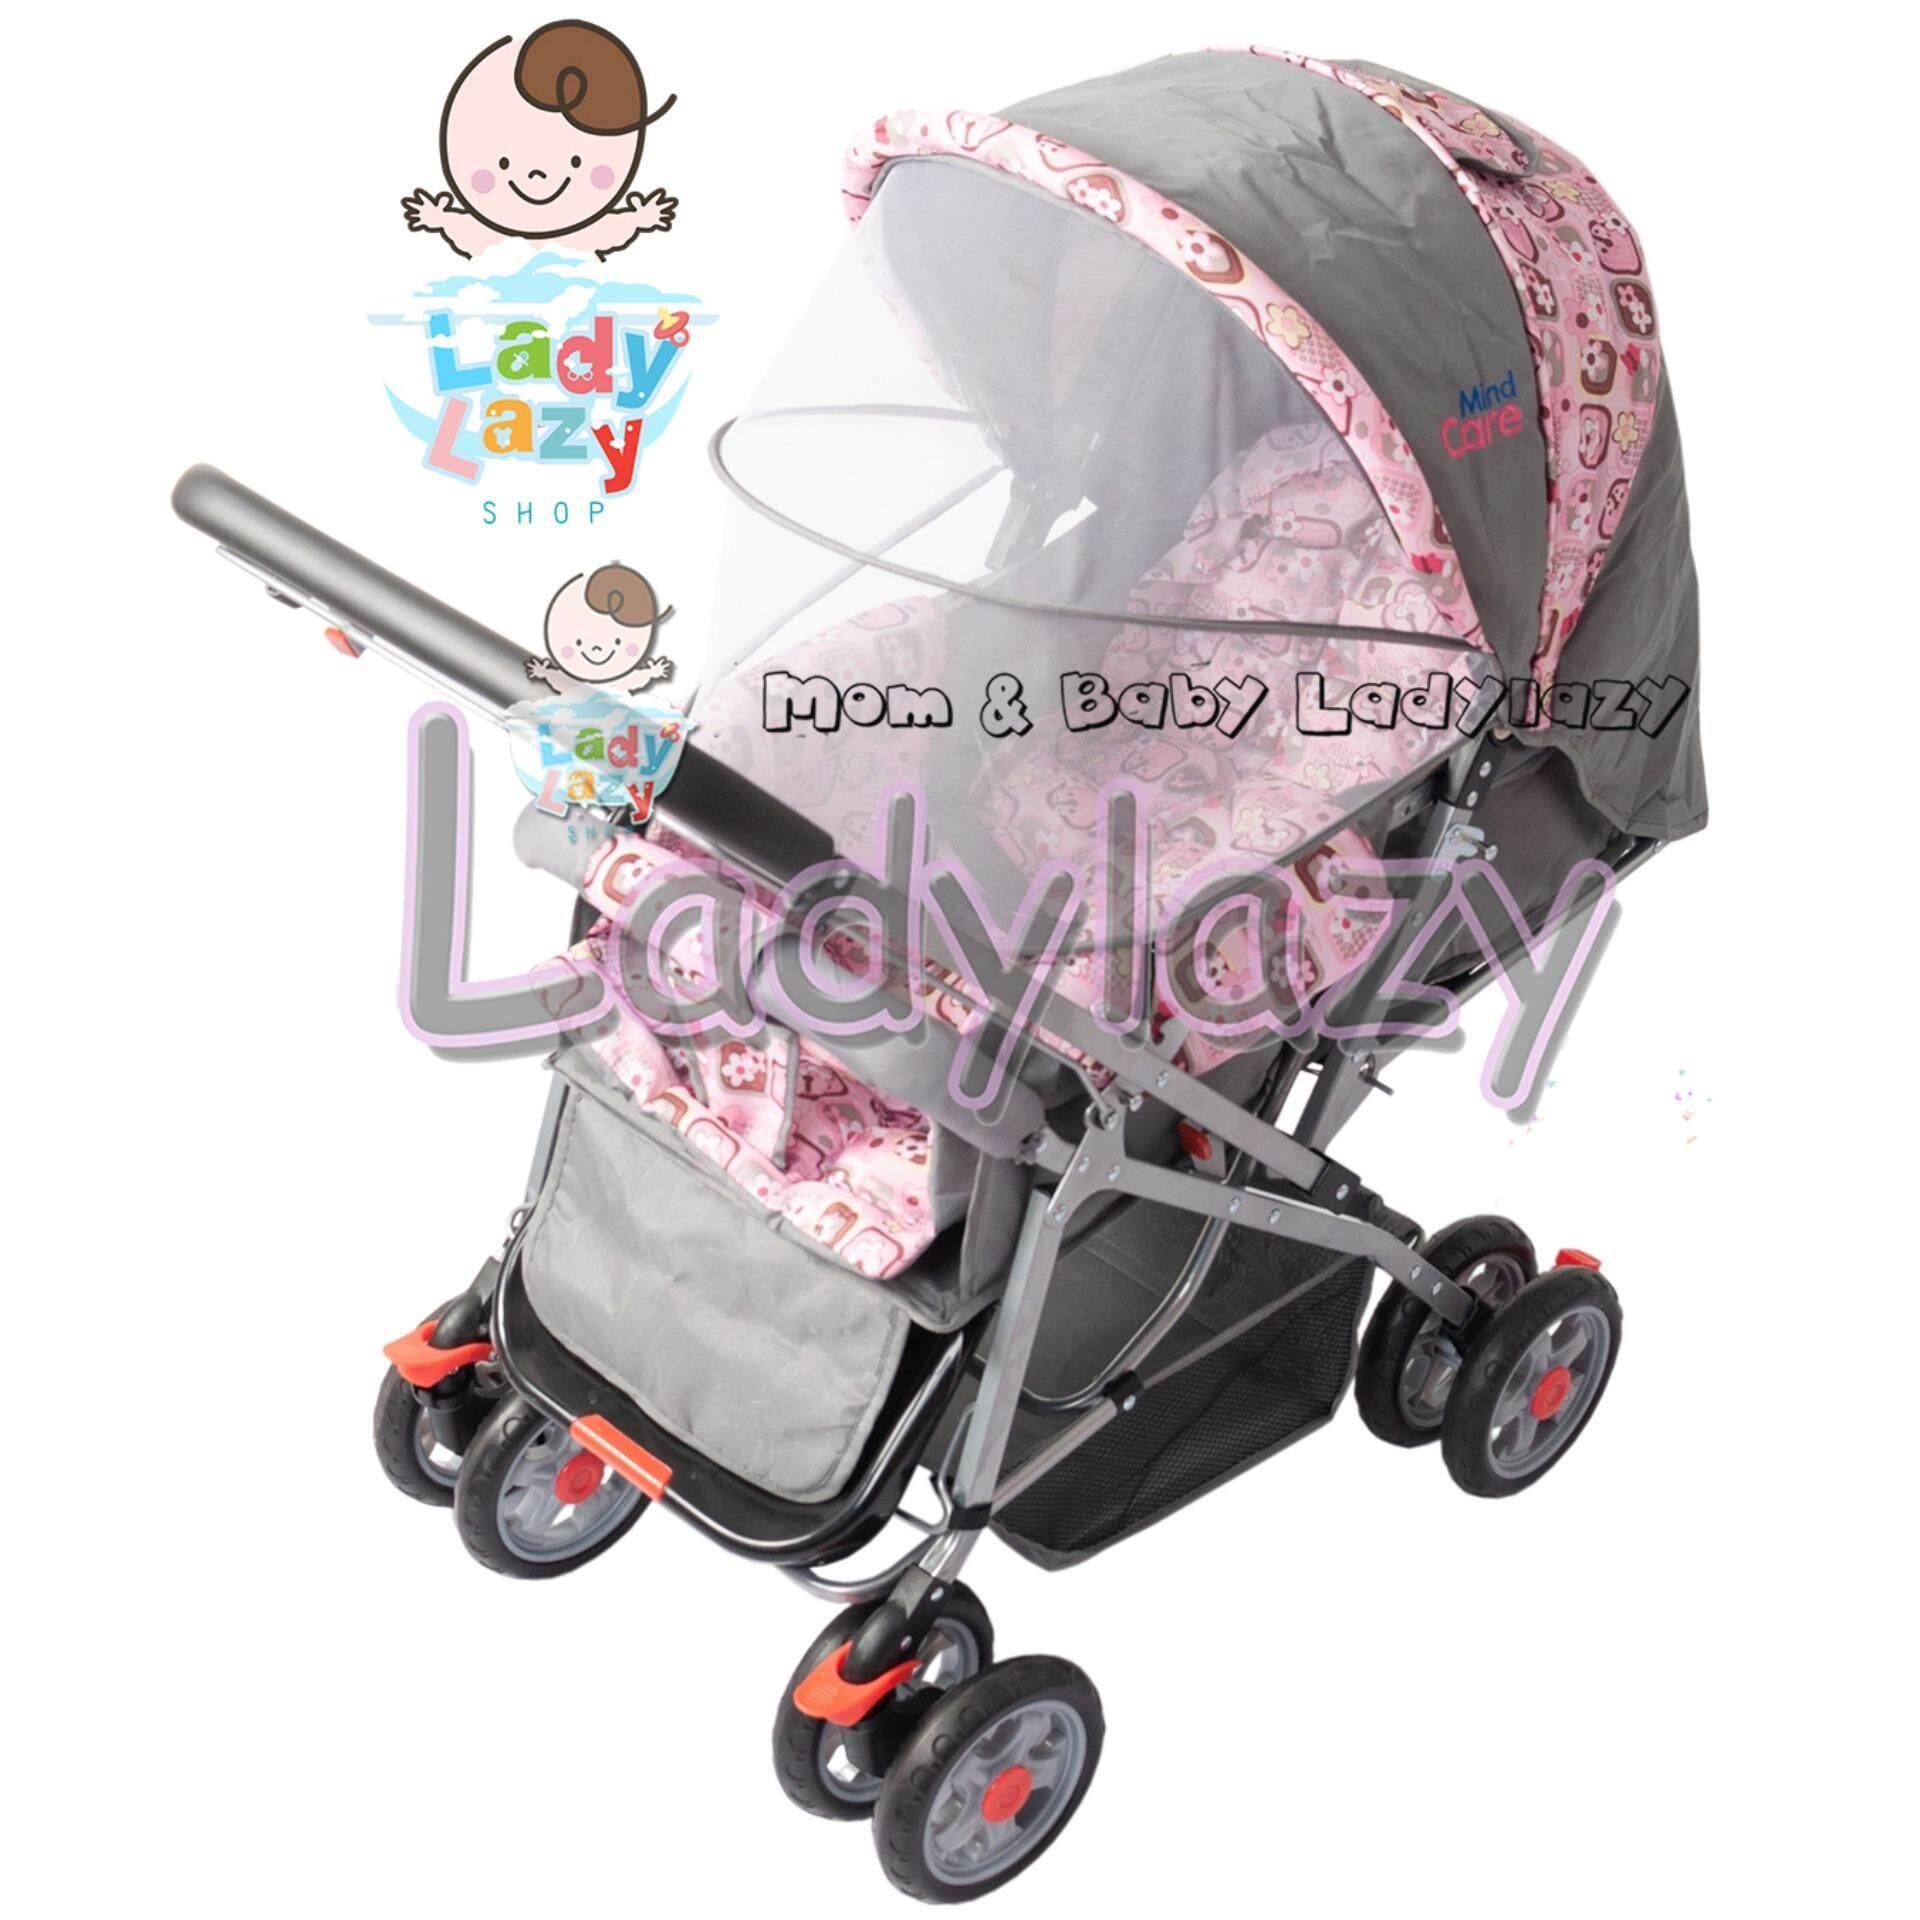 ลดล้างสต๊อกส่งท้ายปี Baby รถเข็นเด็กแบบนอน superbaby รถเข็นเด็กแบบใหม่รุ่นใหญ่ เข็นหน้า-หลังได้ ท่ออลูมิเนียม น้ำหนักเบา ปรับ 3 ระดับ (นั่ง/เอน/นอน) + ของเล่นเสียงดนตรี มีที่จับและที่วางของ เช็คราคาที่ดีที่สุด